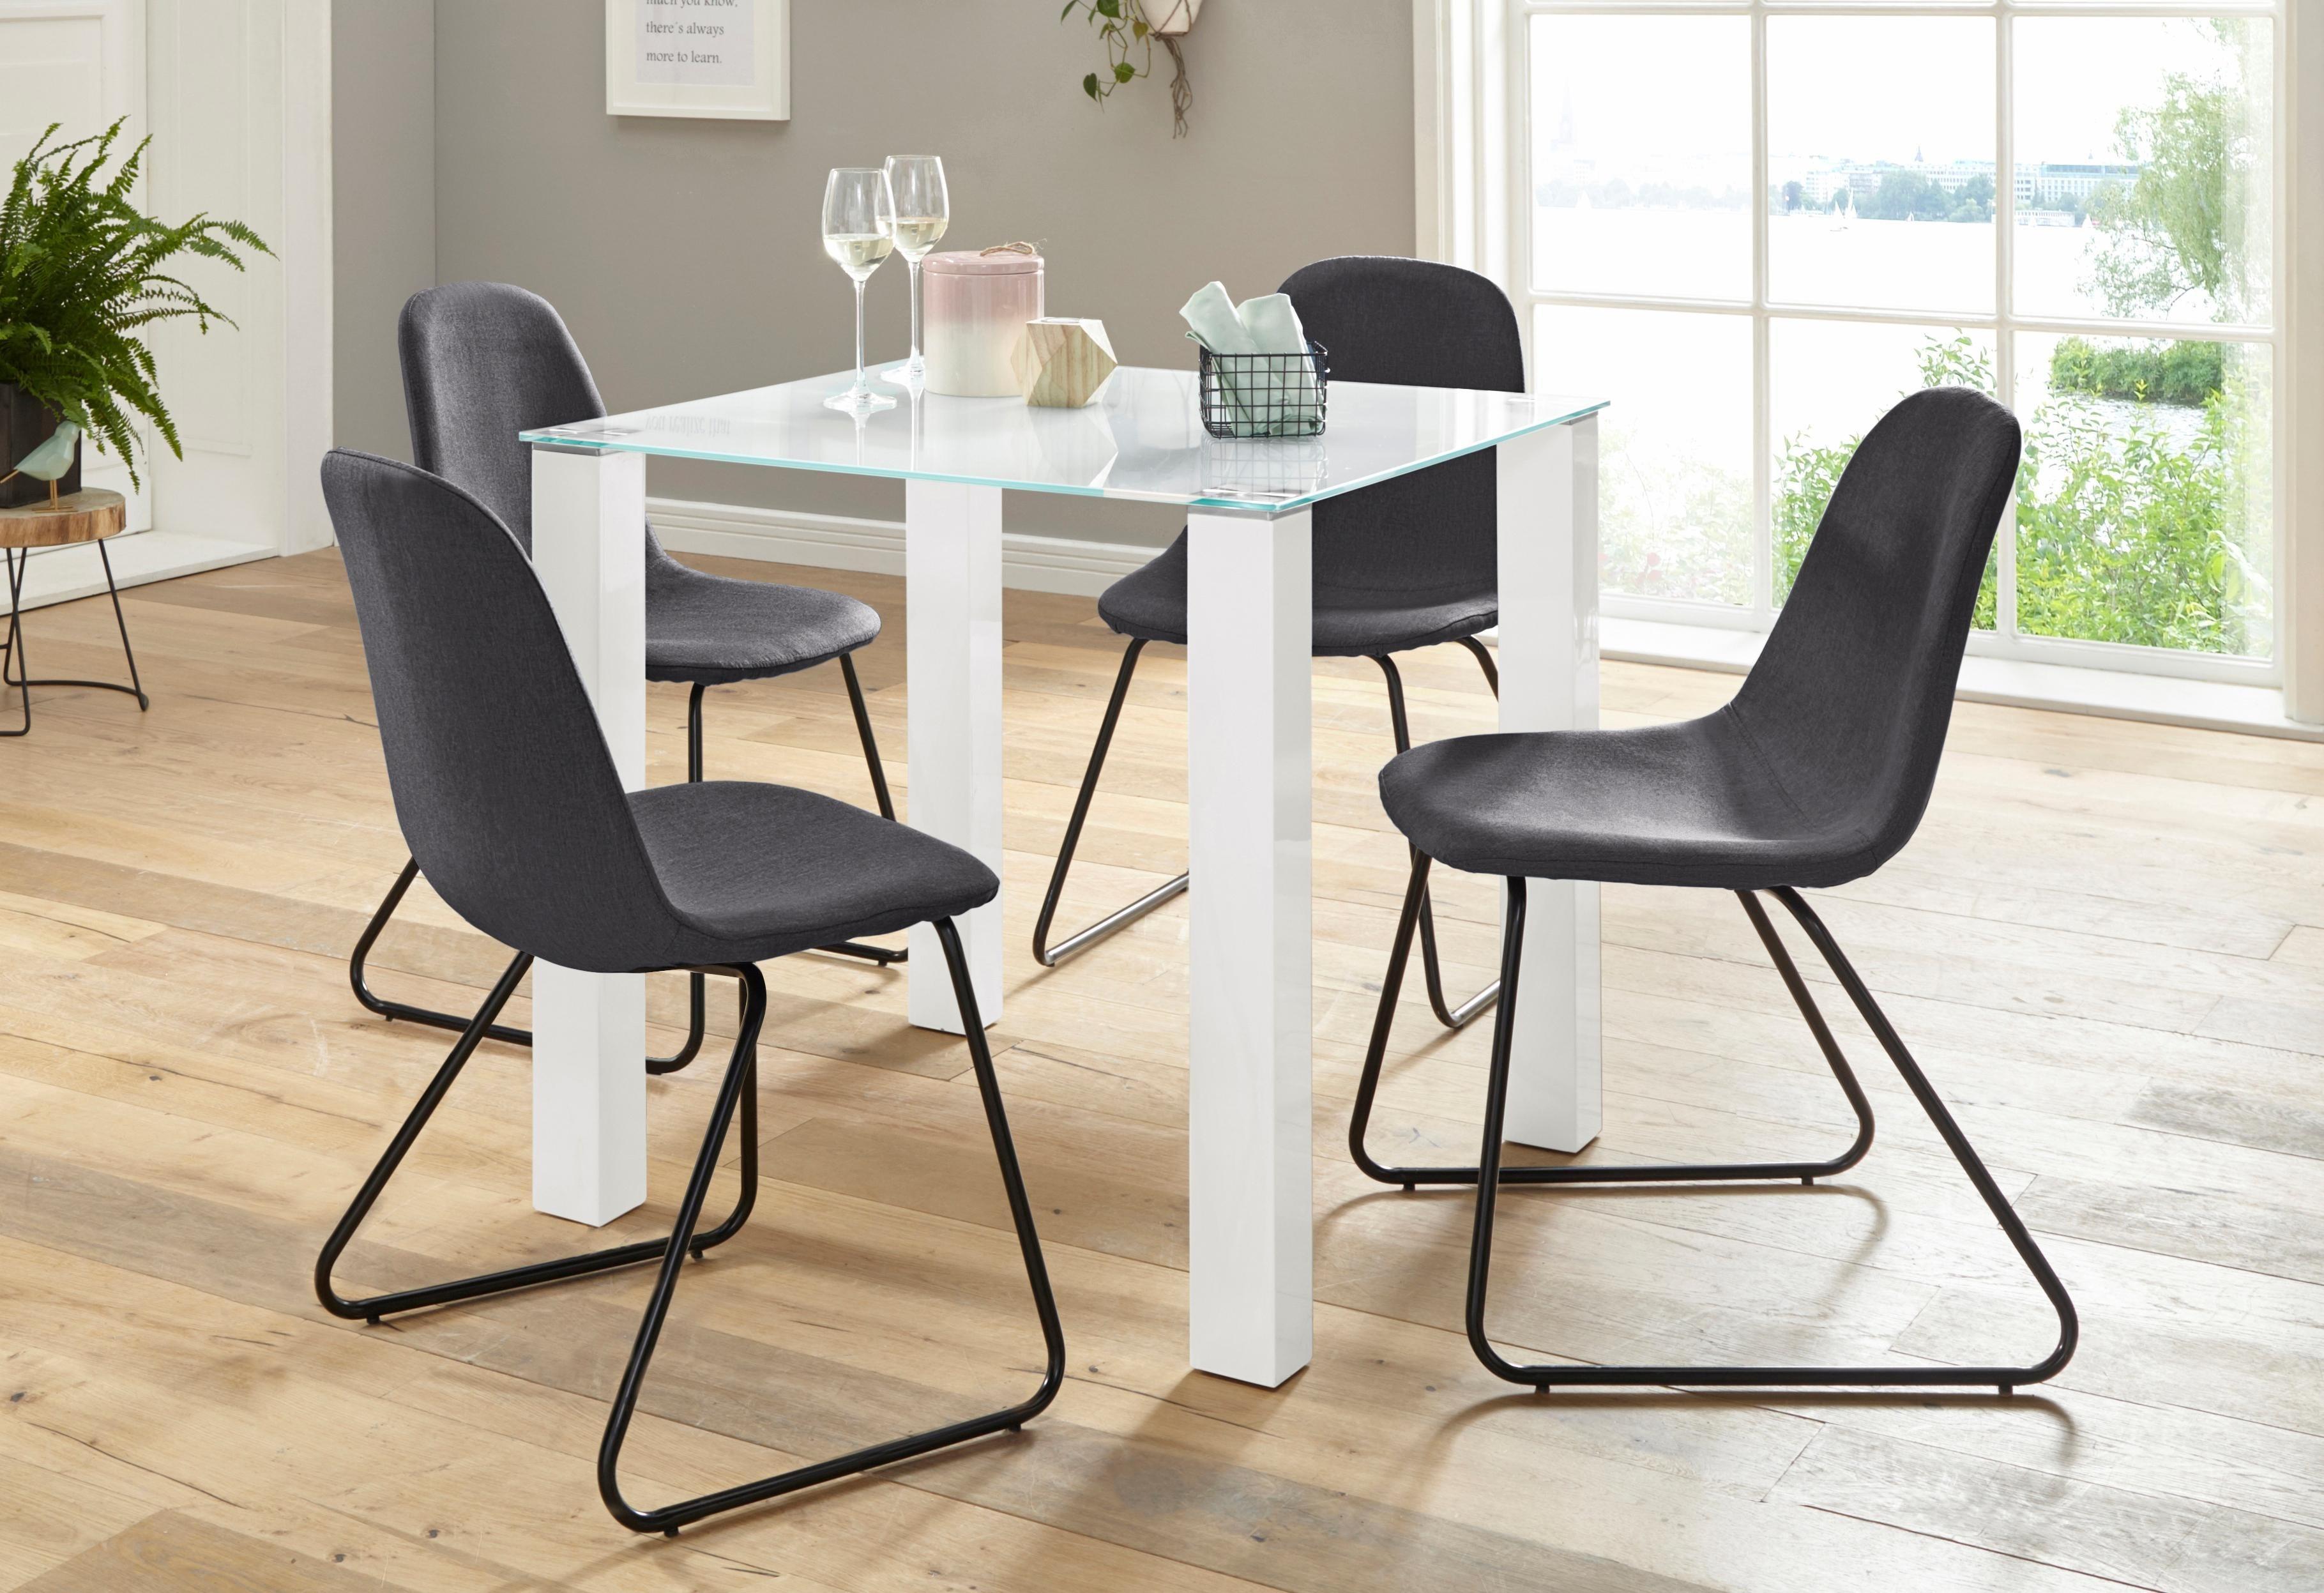 Essgruppe 5-teilig mit Glastisch 80 cm breit | Wohnzimmer > Tische > Glastische